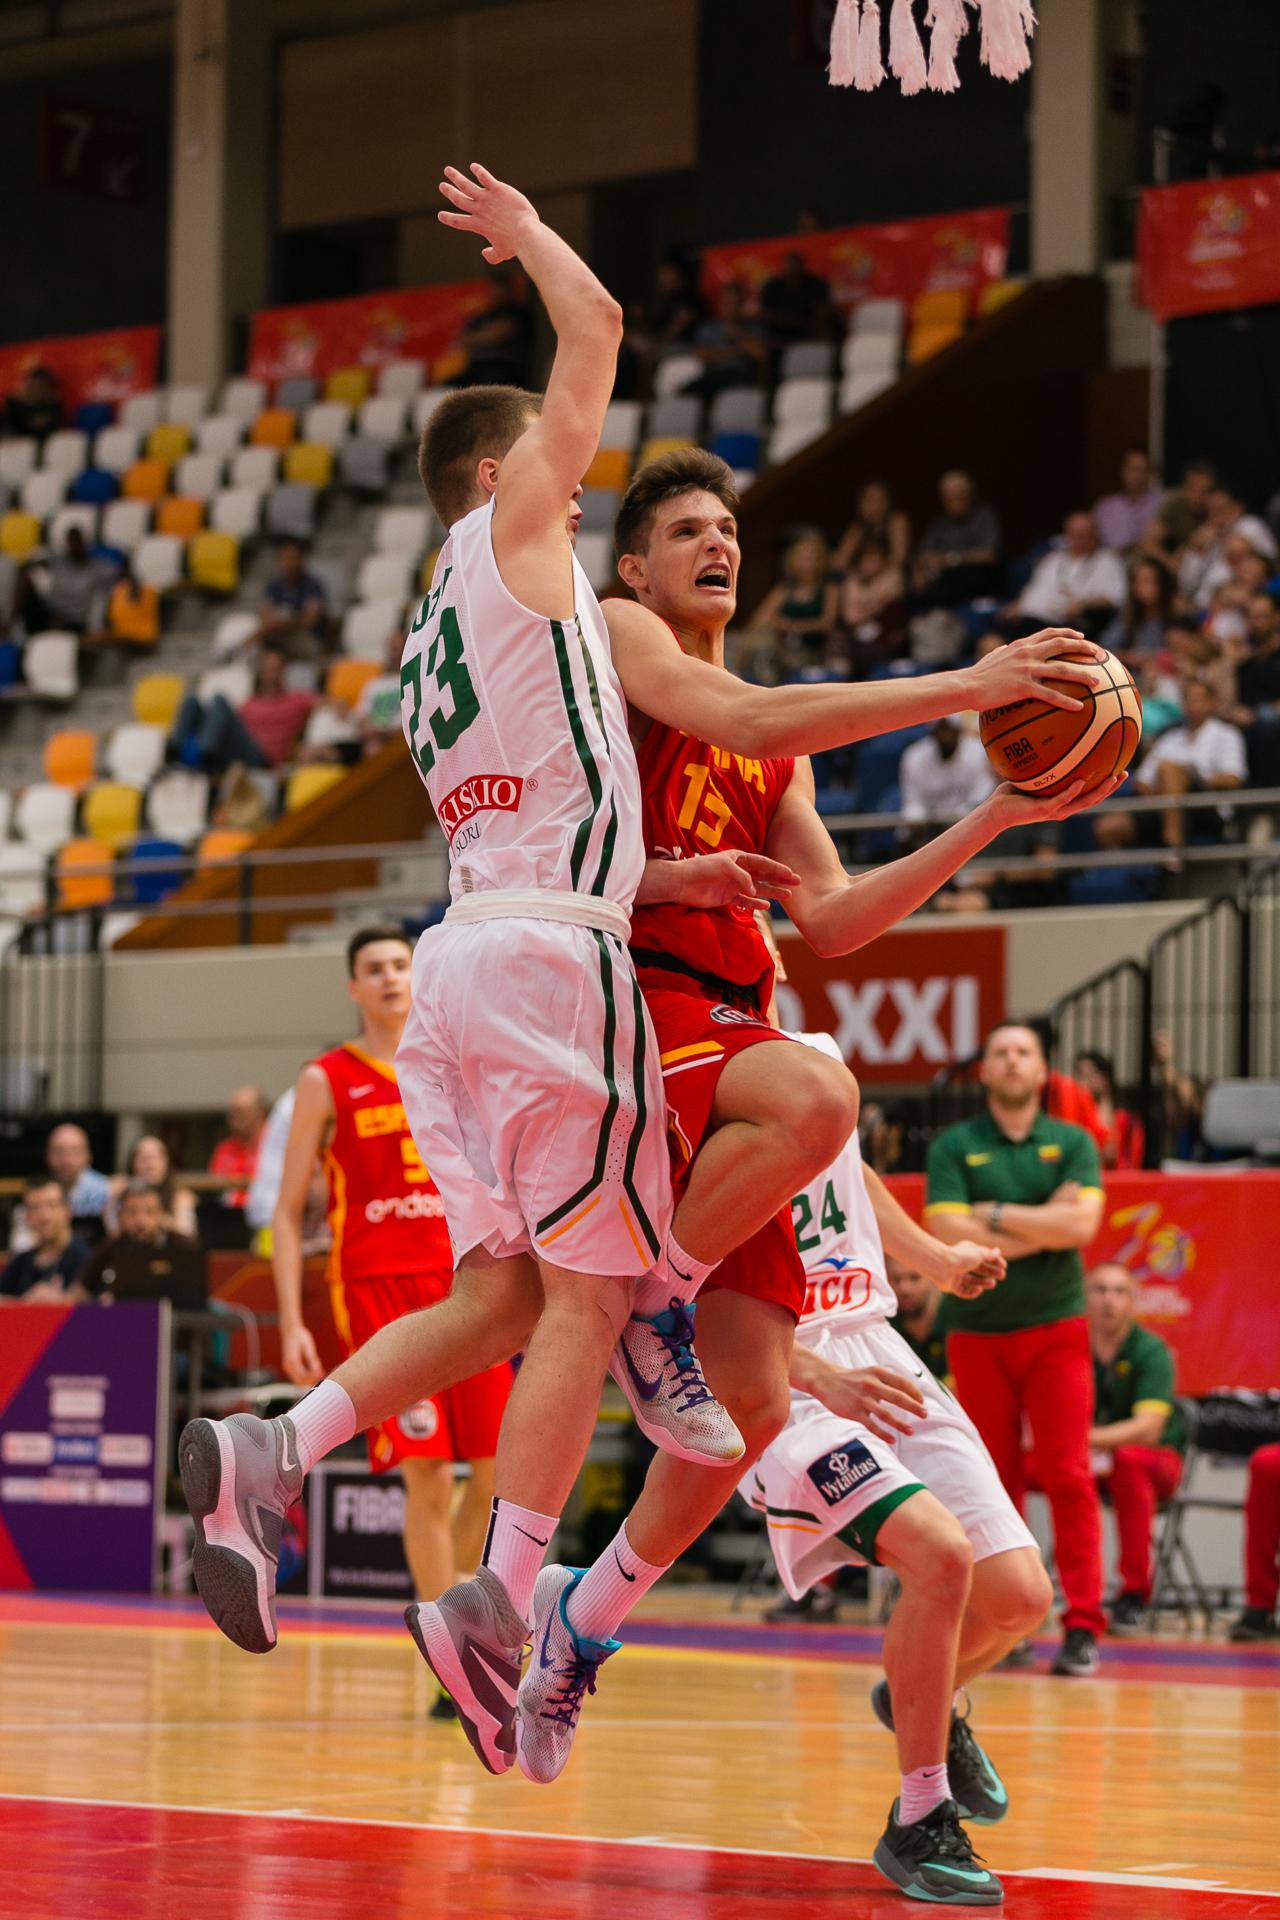 Lituania - España (Foto: Dani Marzo/@dmarzofoto)